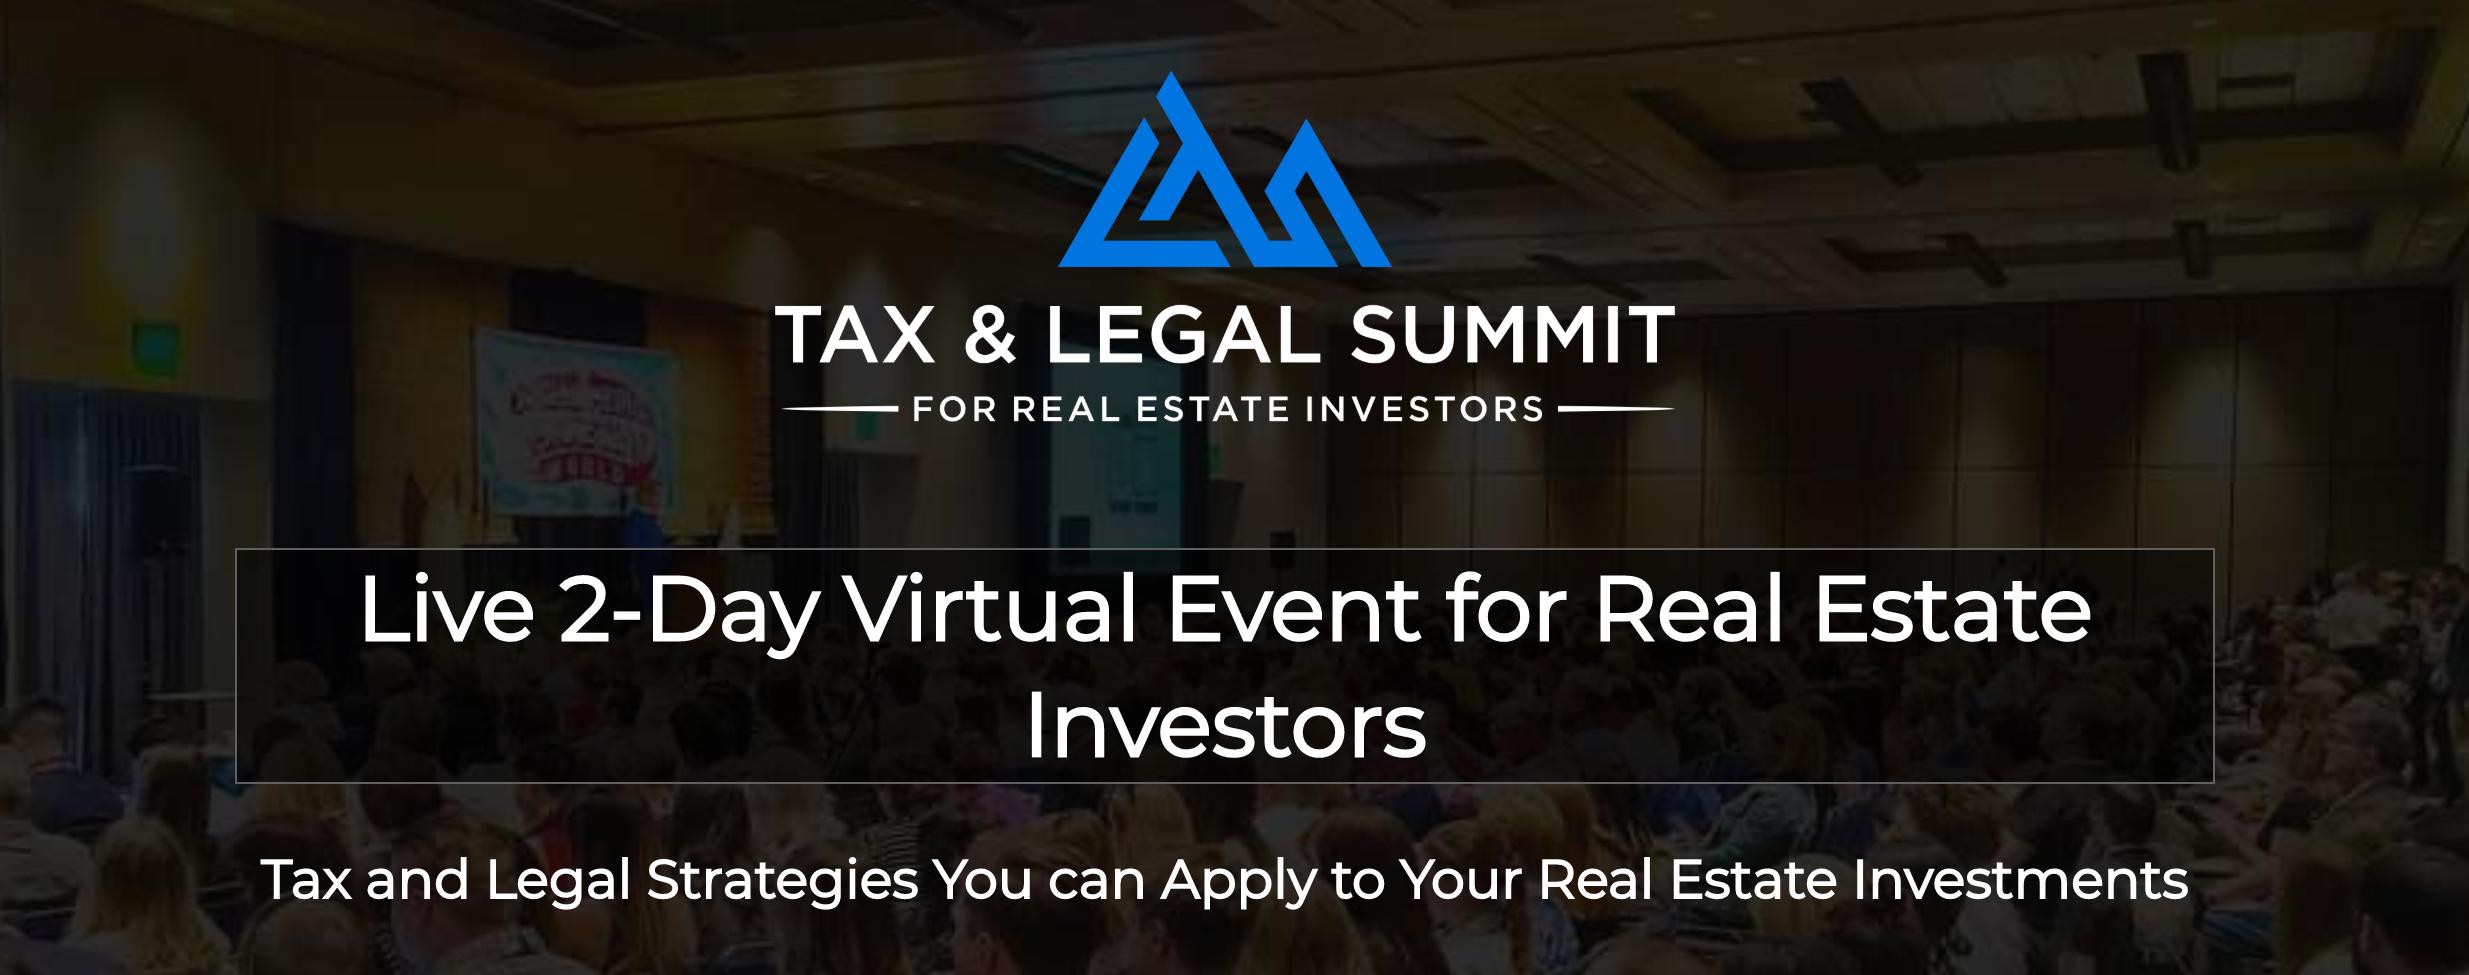 Tax and Legal Summit Registration